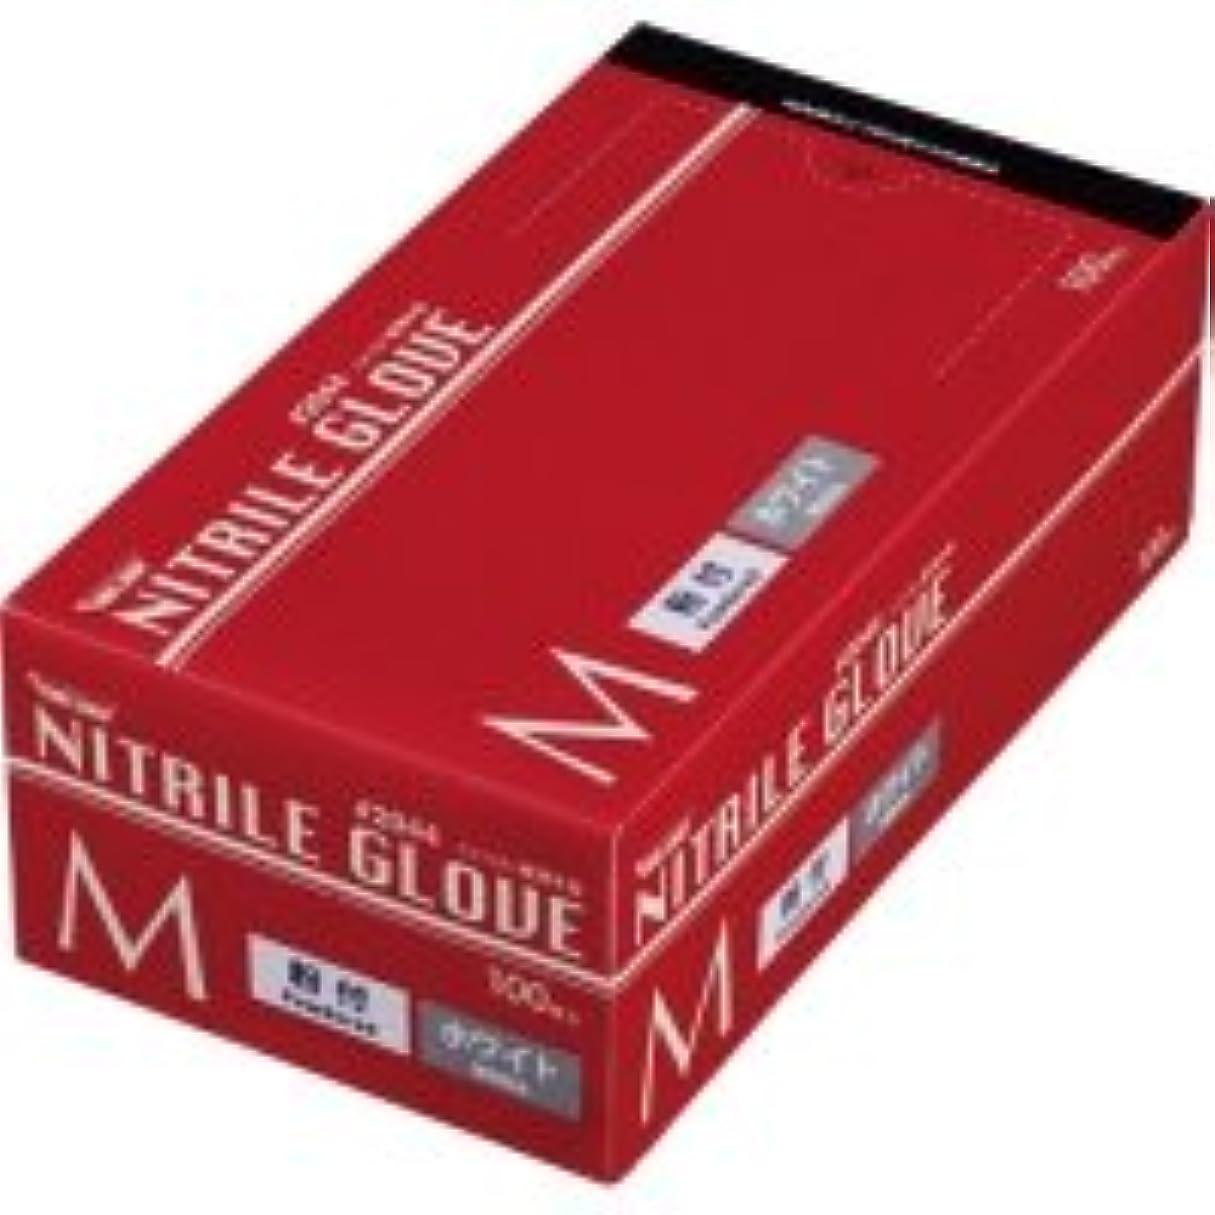 可能にするマークダウン球体川西工業 ニトリル 使いきり極薄手袋 粉付 ホワイト M 1箱(100枚)